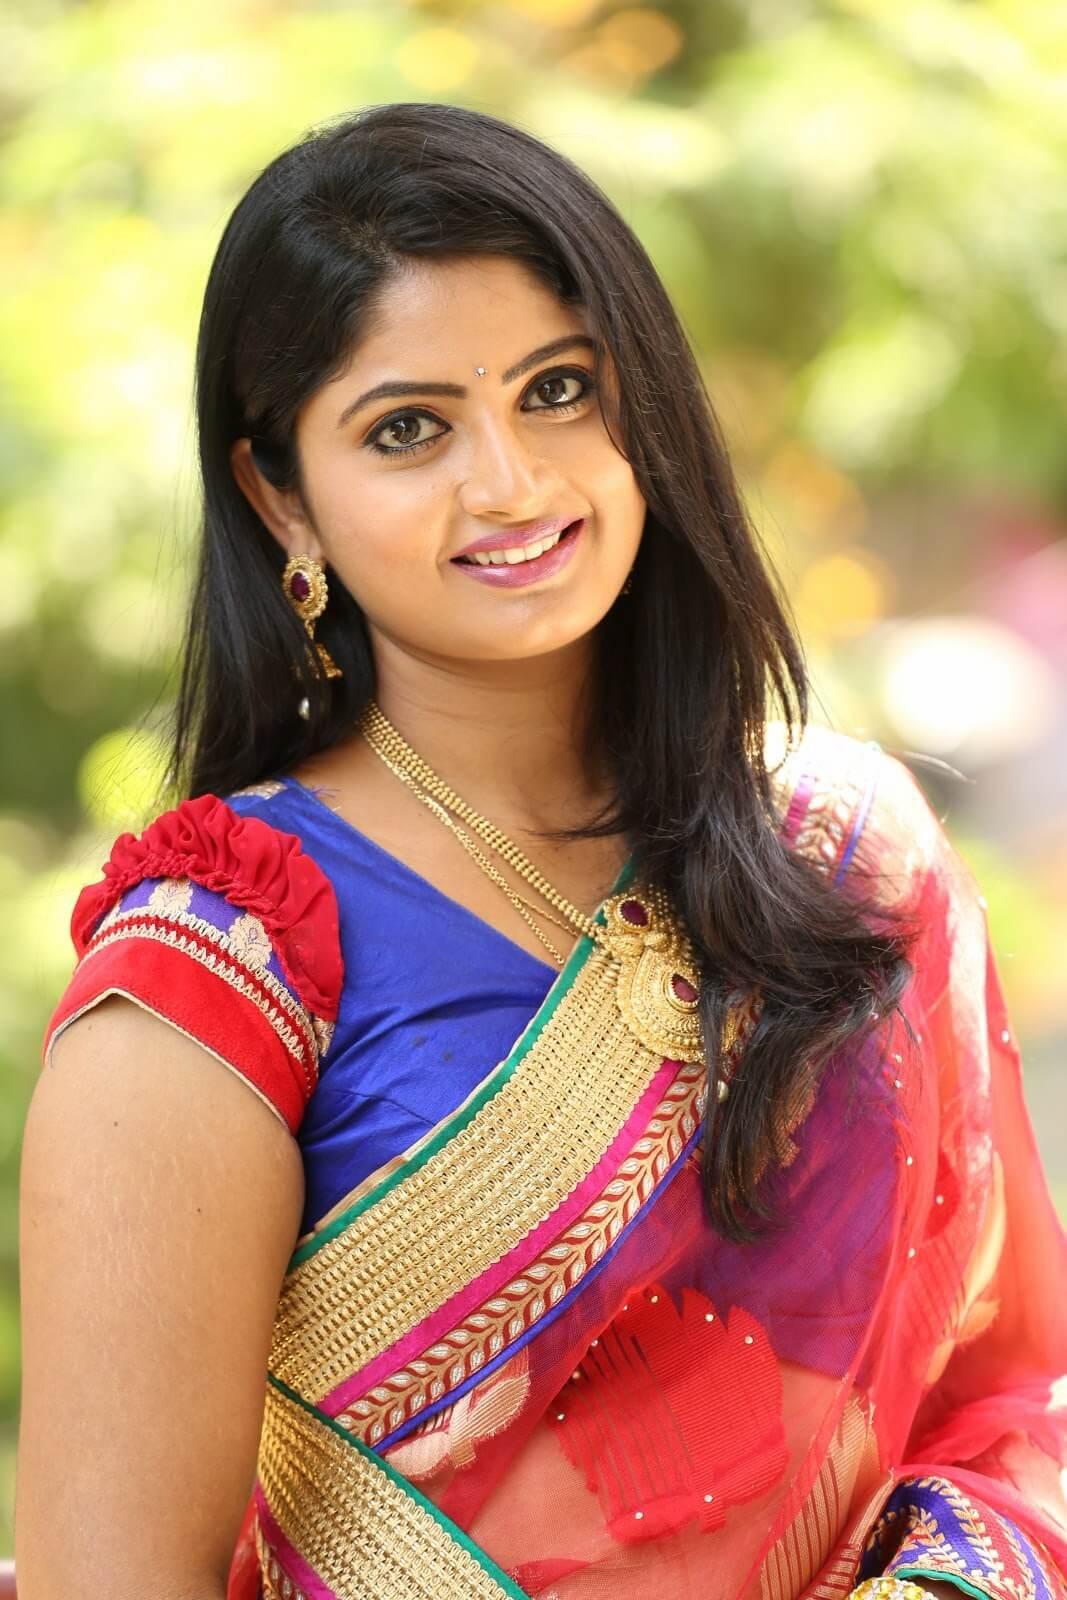 Telugu Tv Serial Actress Nude Photos